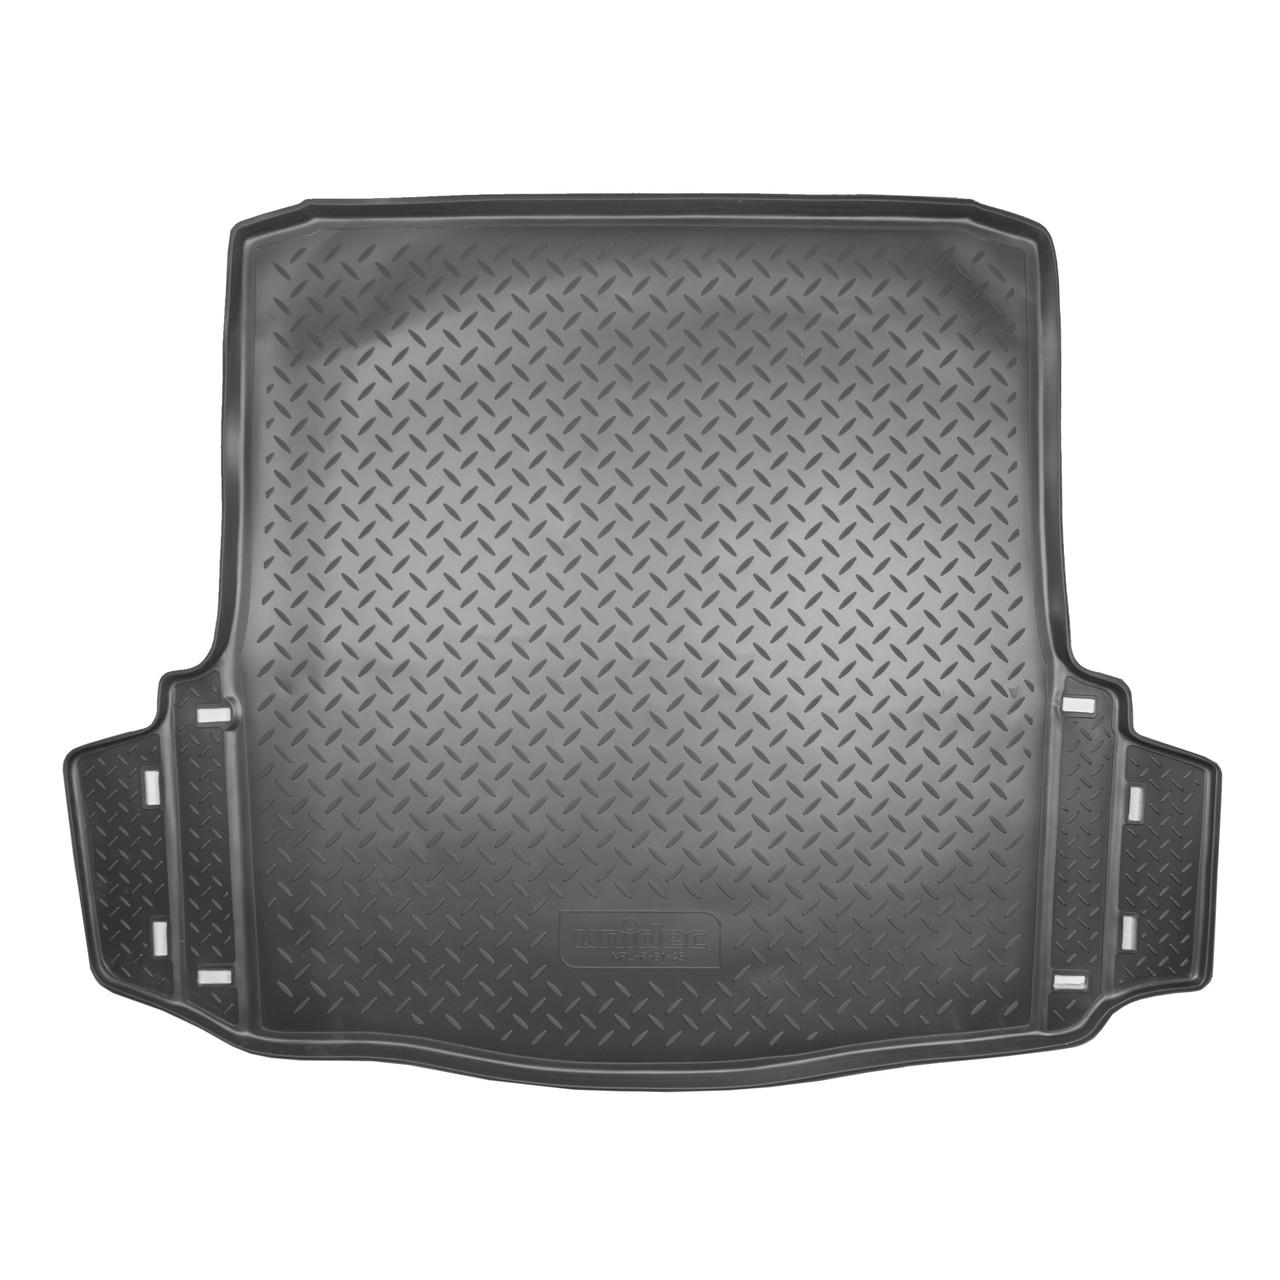 Коврик в багажник Skoda Octavia II (A5) Combi (2008-2013)